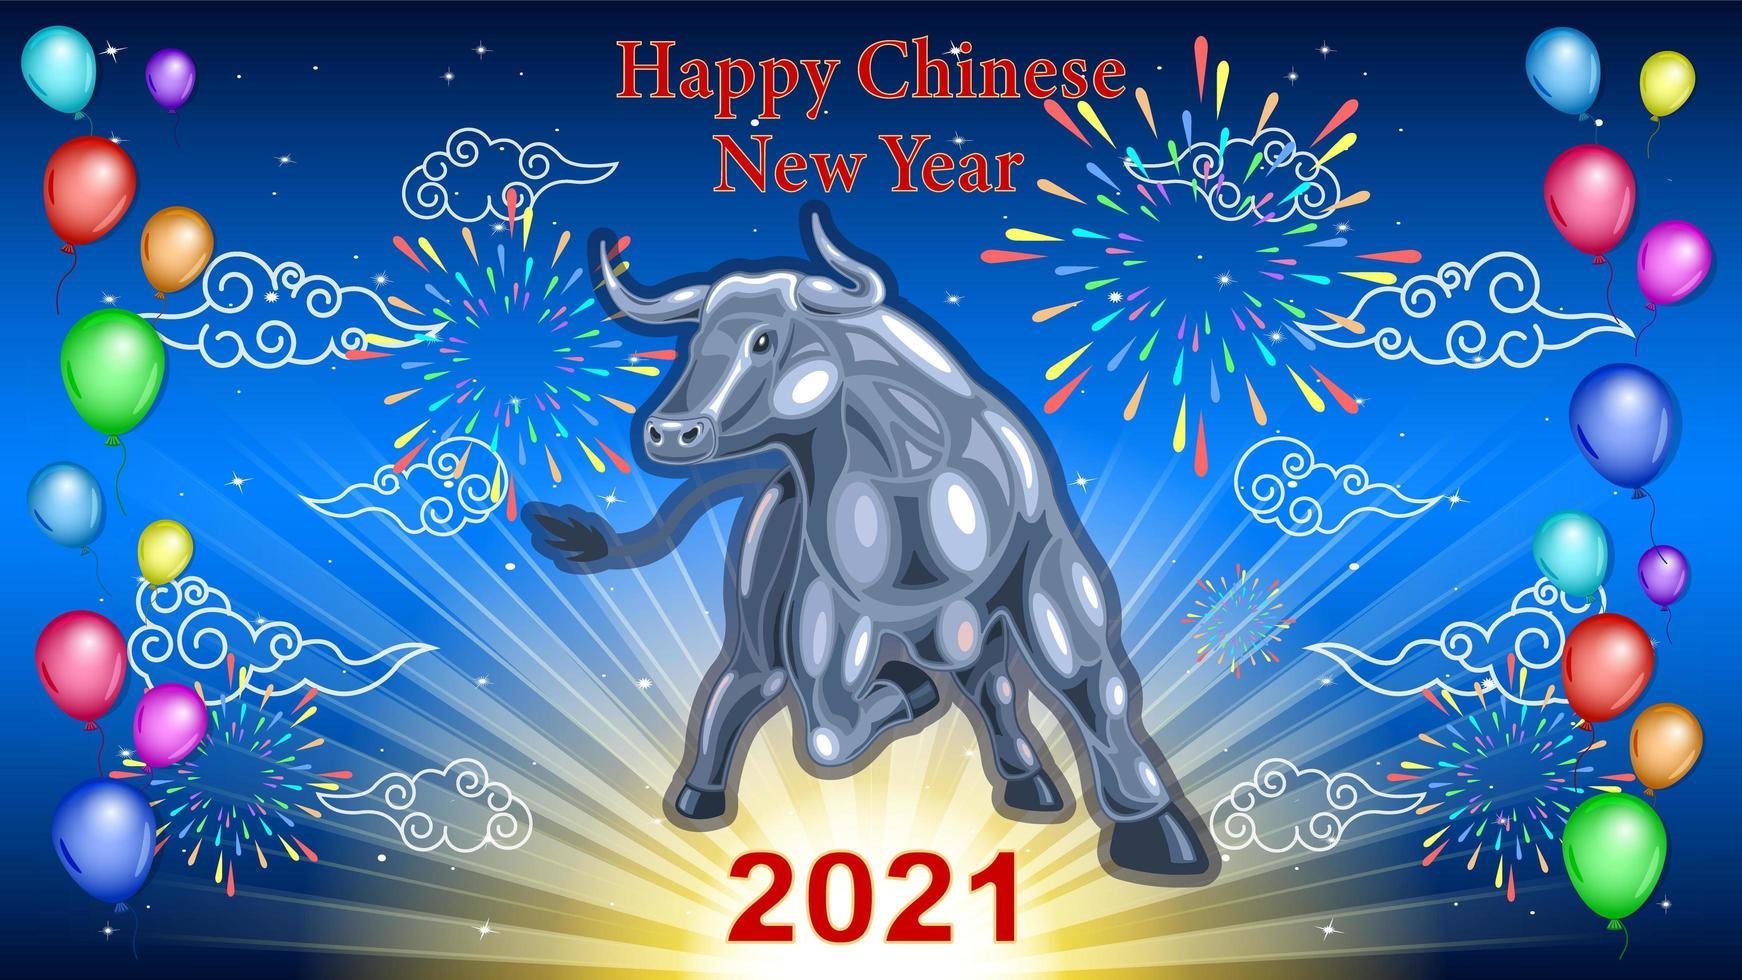 metall tjur, oxe, kinesiska nyår semester affisch vektor